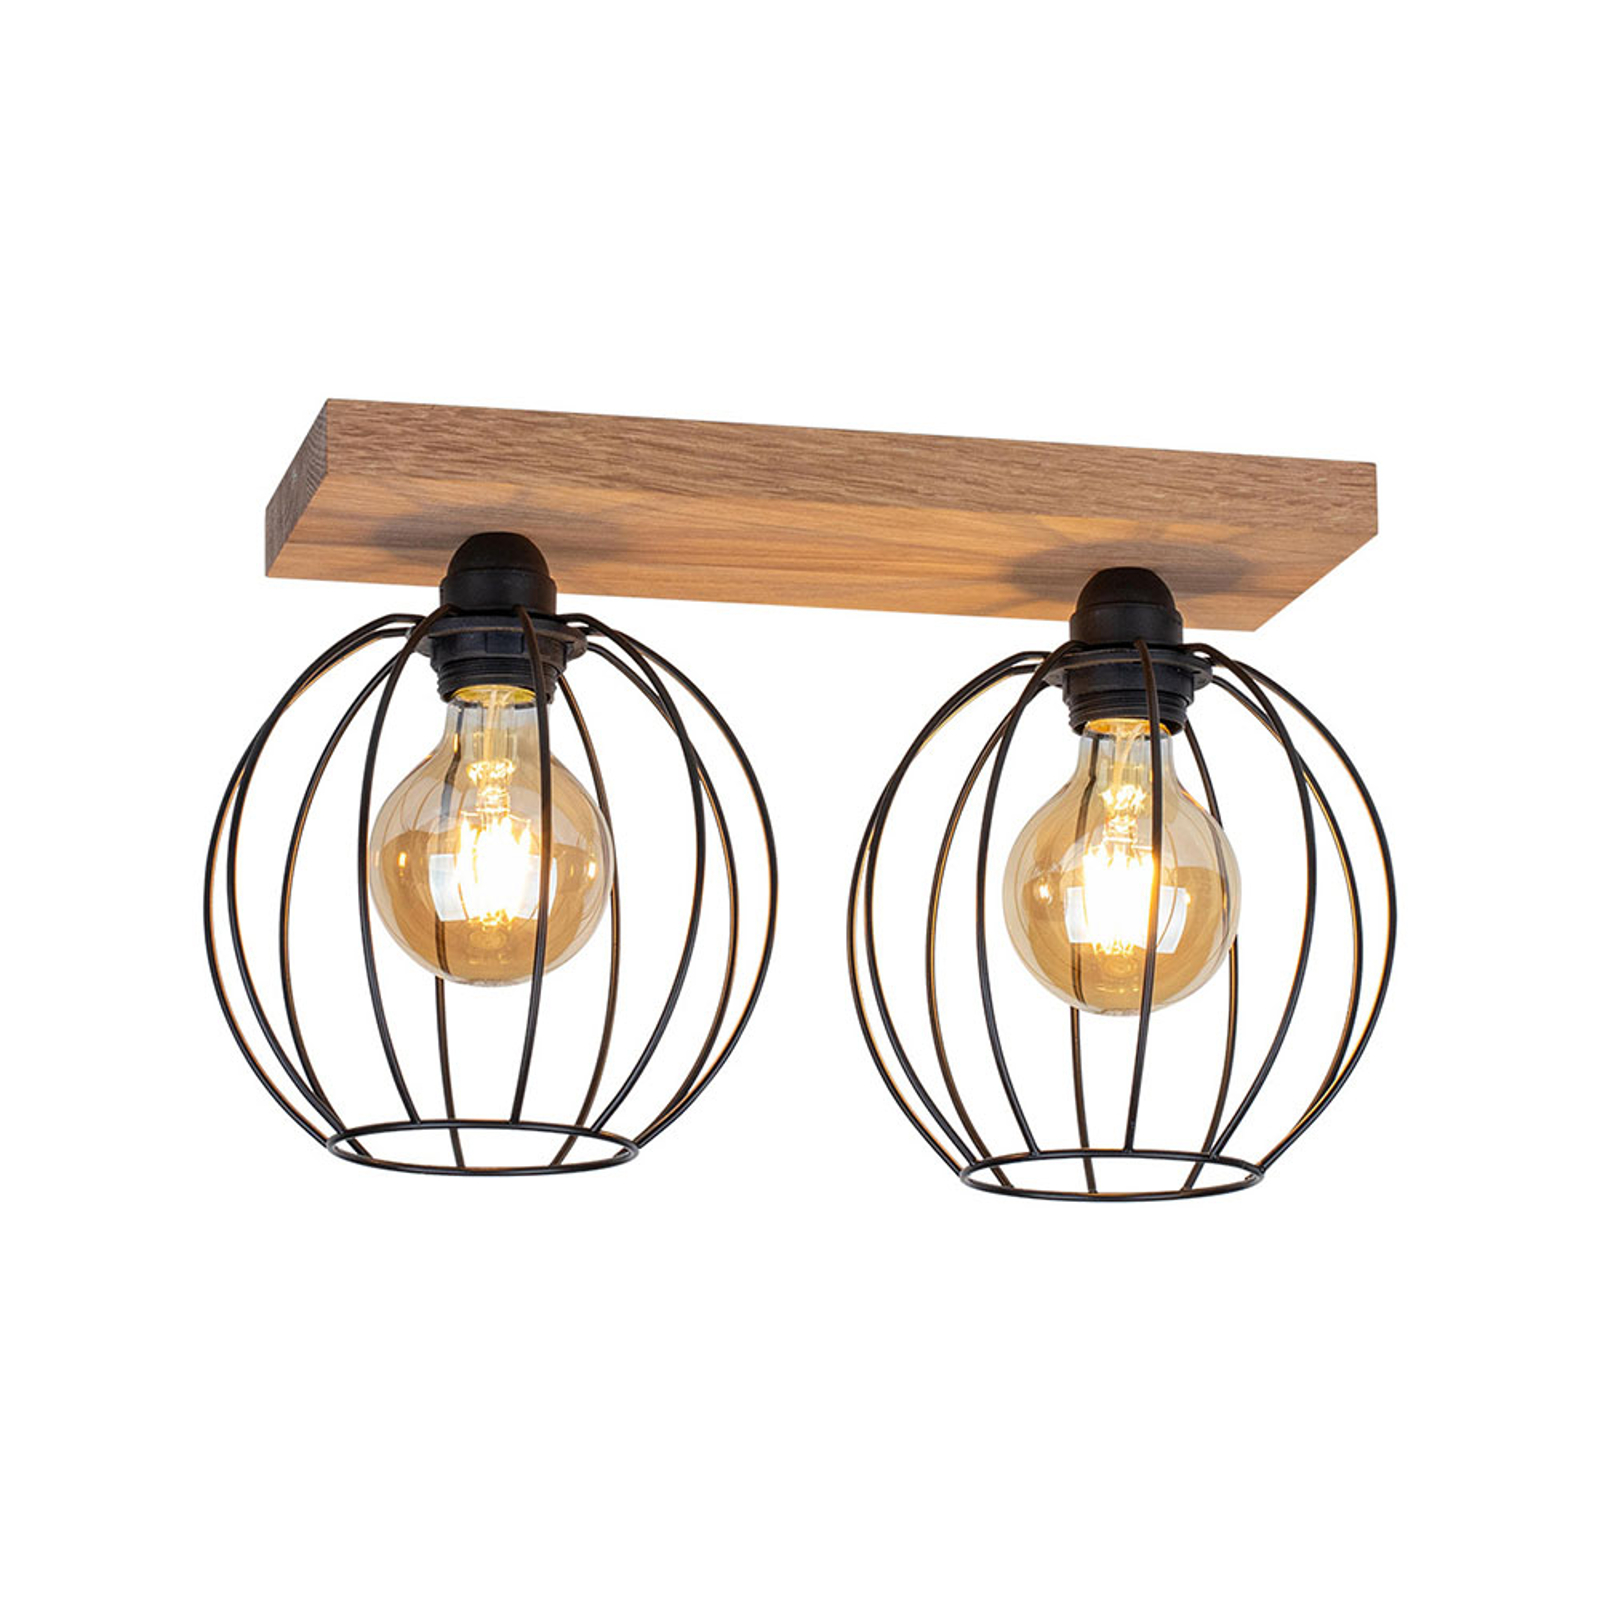 Lampa sufitowa Dorett , drewno dębowe, 2-punktowa